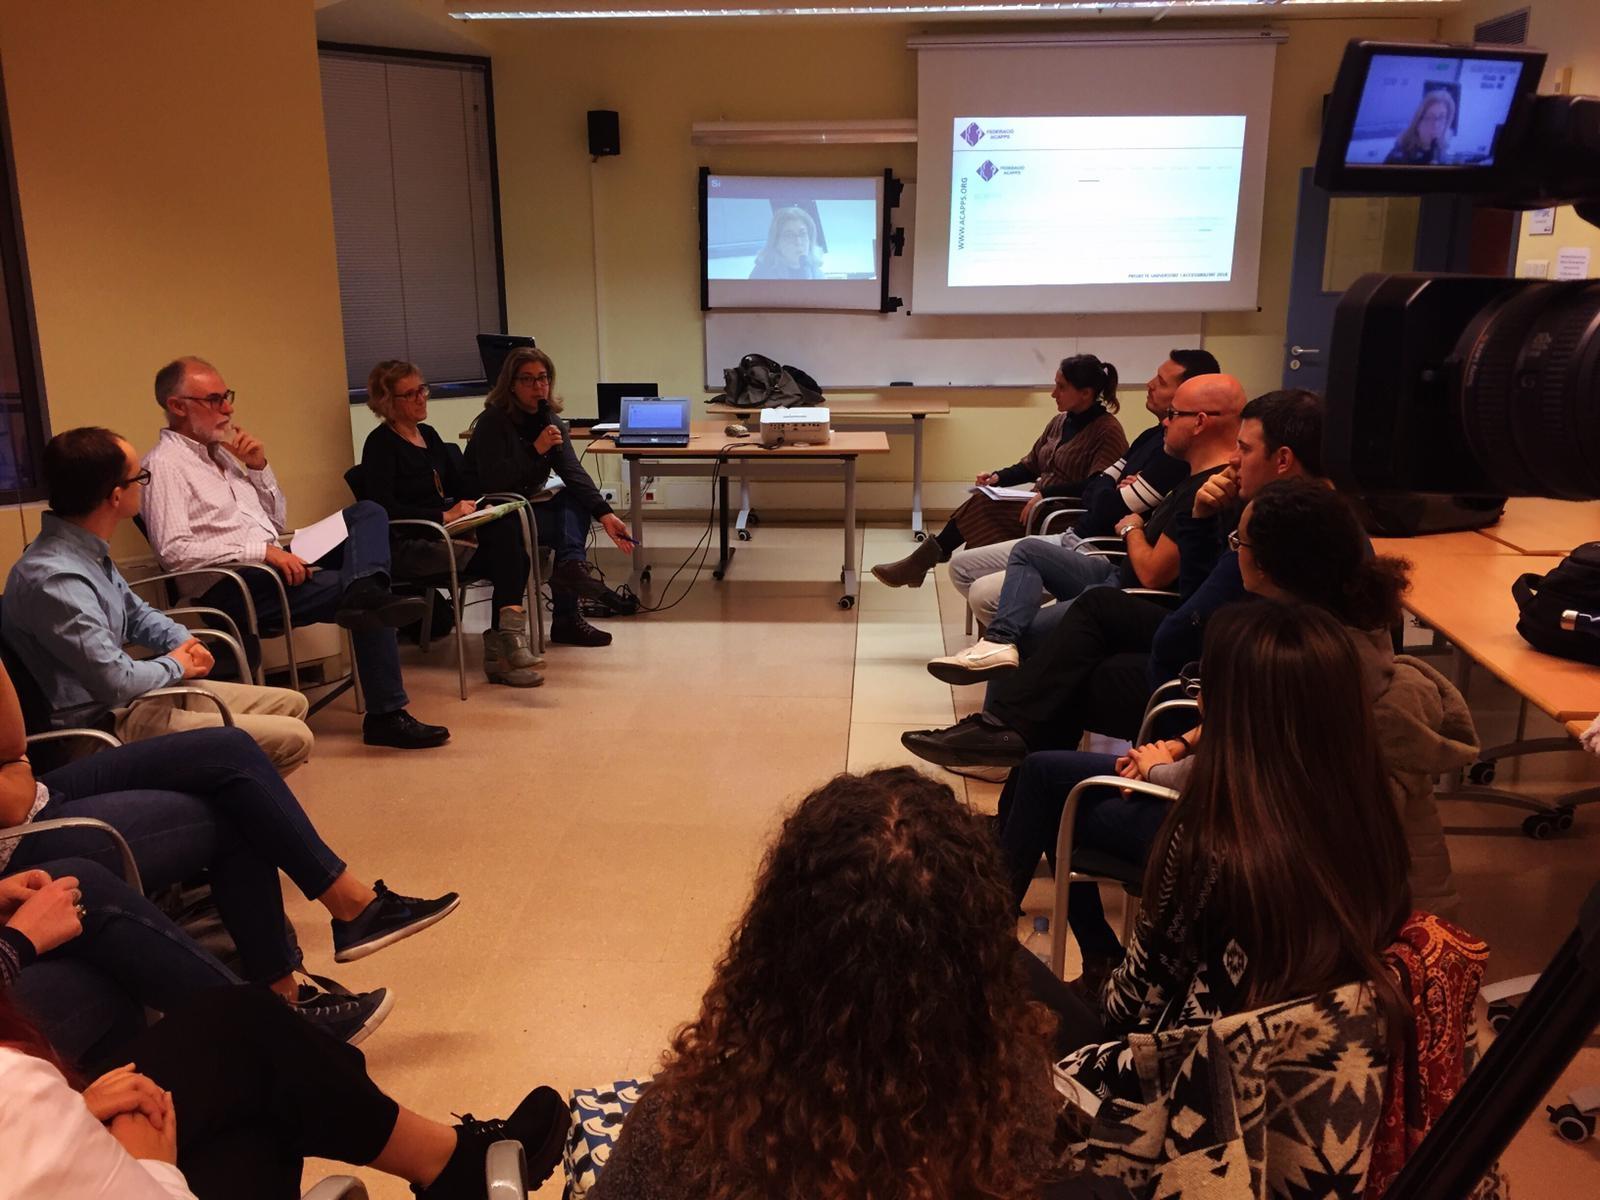 Estudiants amb discapacitat auditiva analitzen les mesures d'accessibilitat de les seves universitats